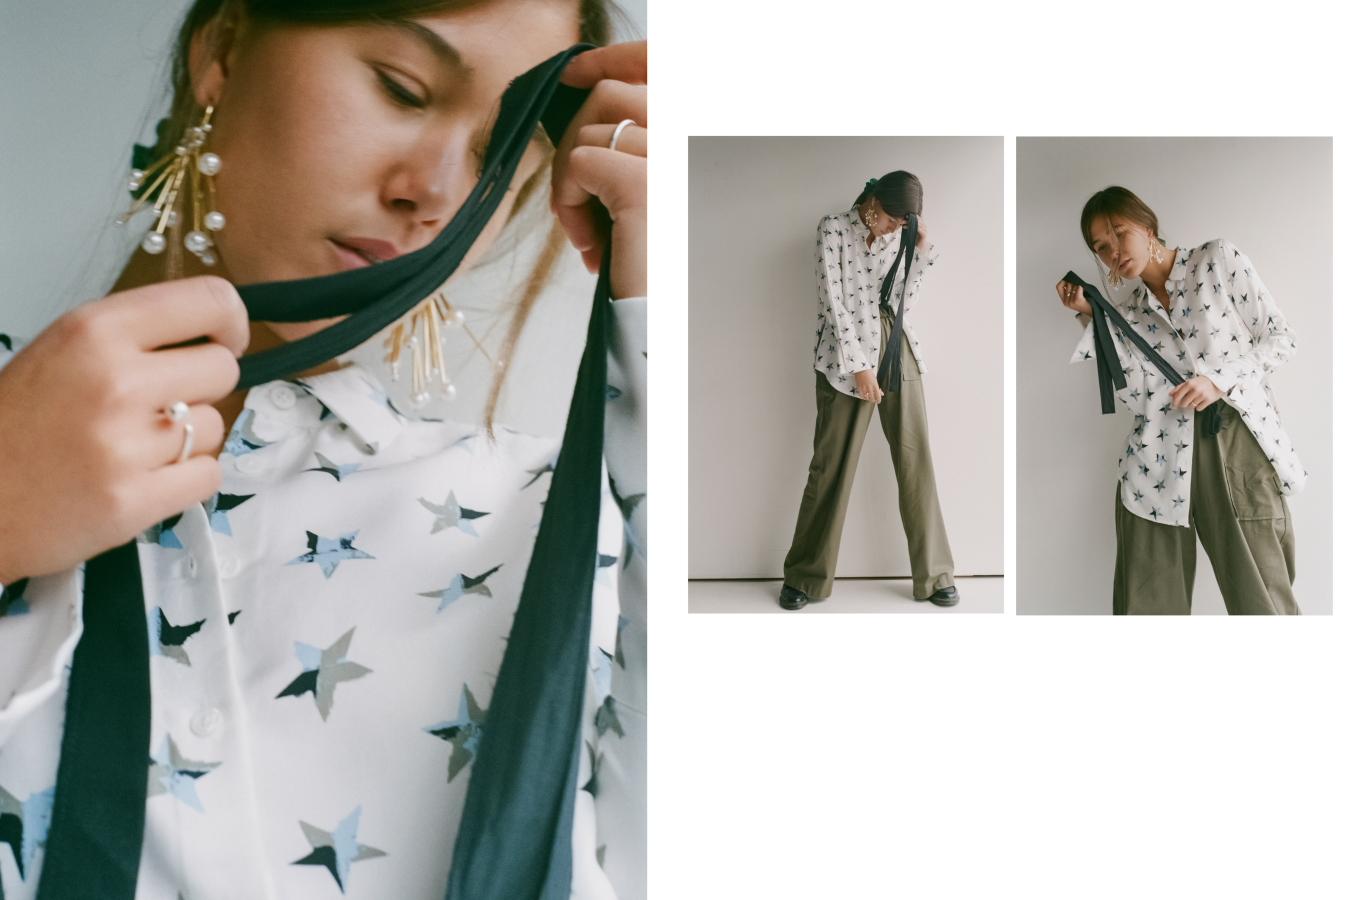 Earrings Reliquia, Shirt Equipment, Pants Matin